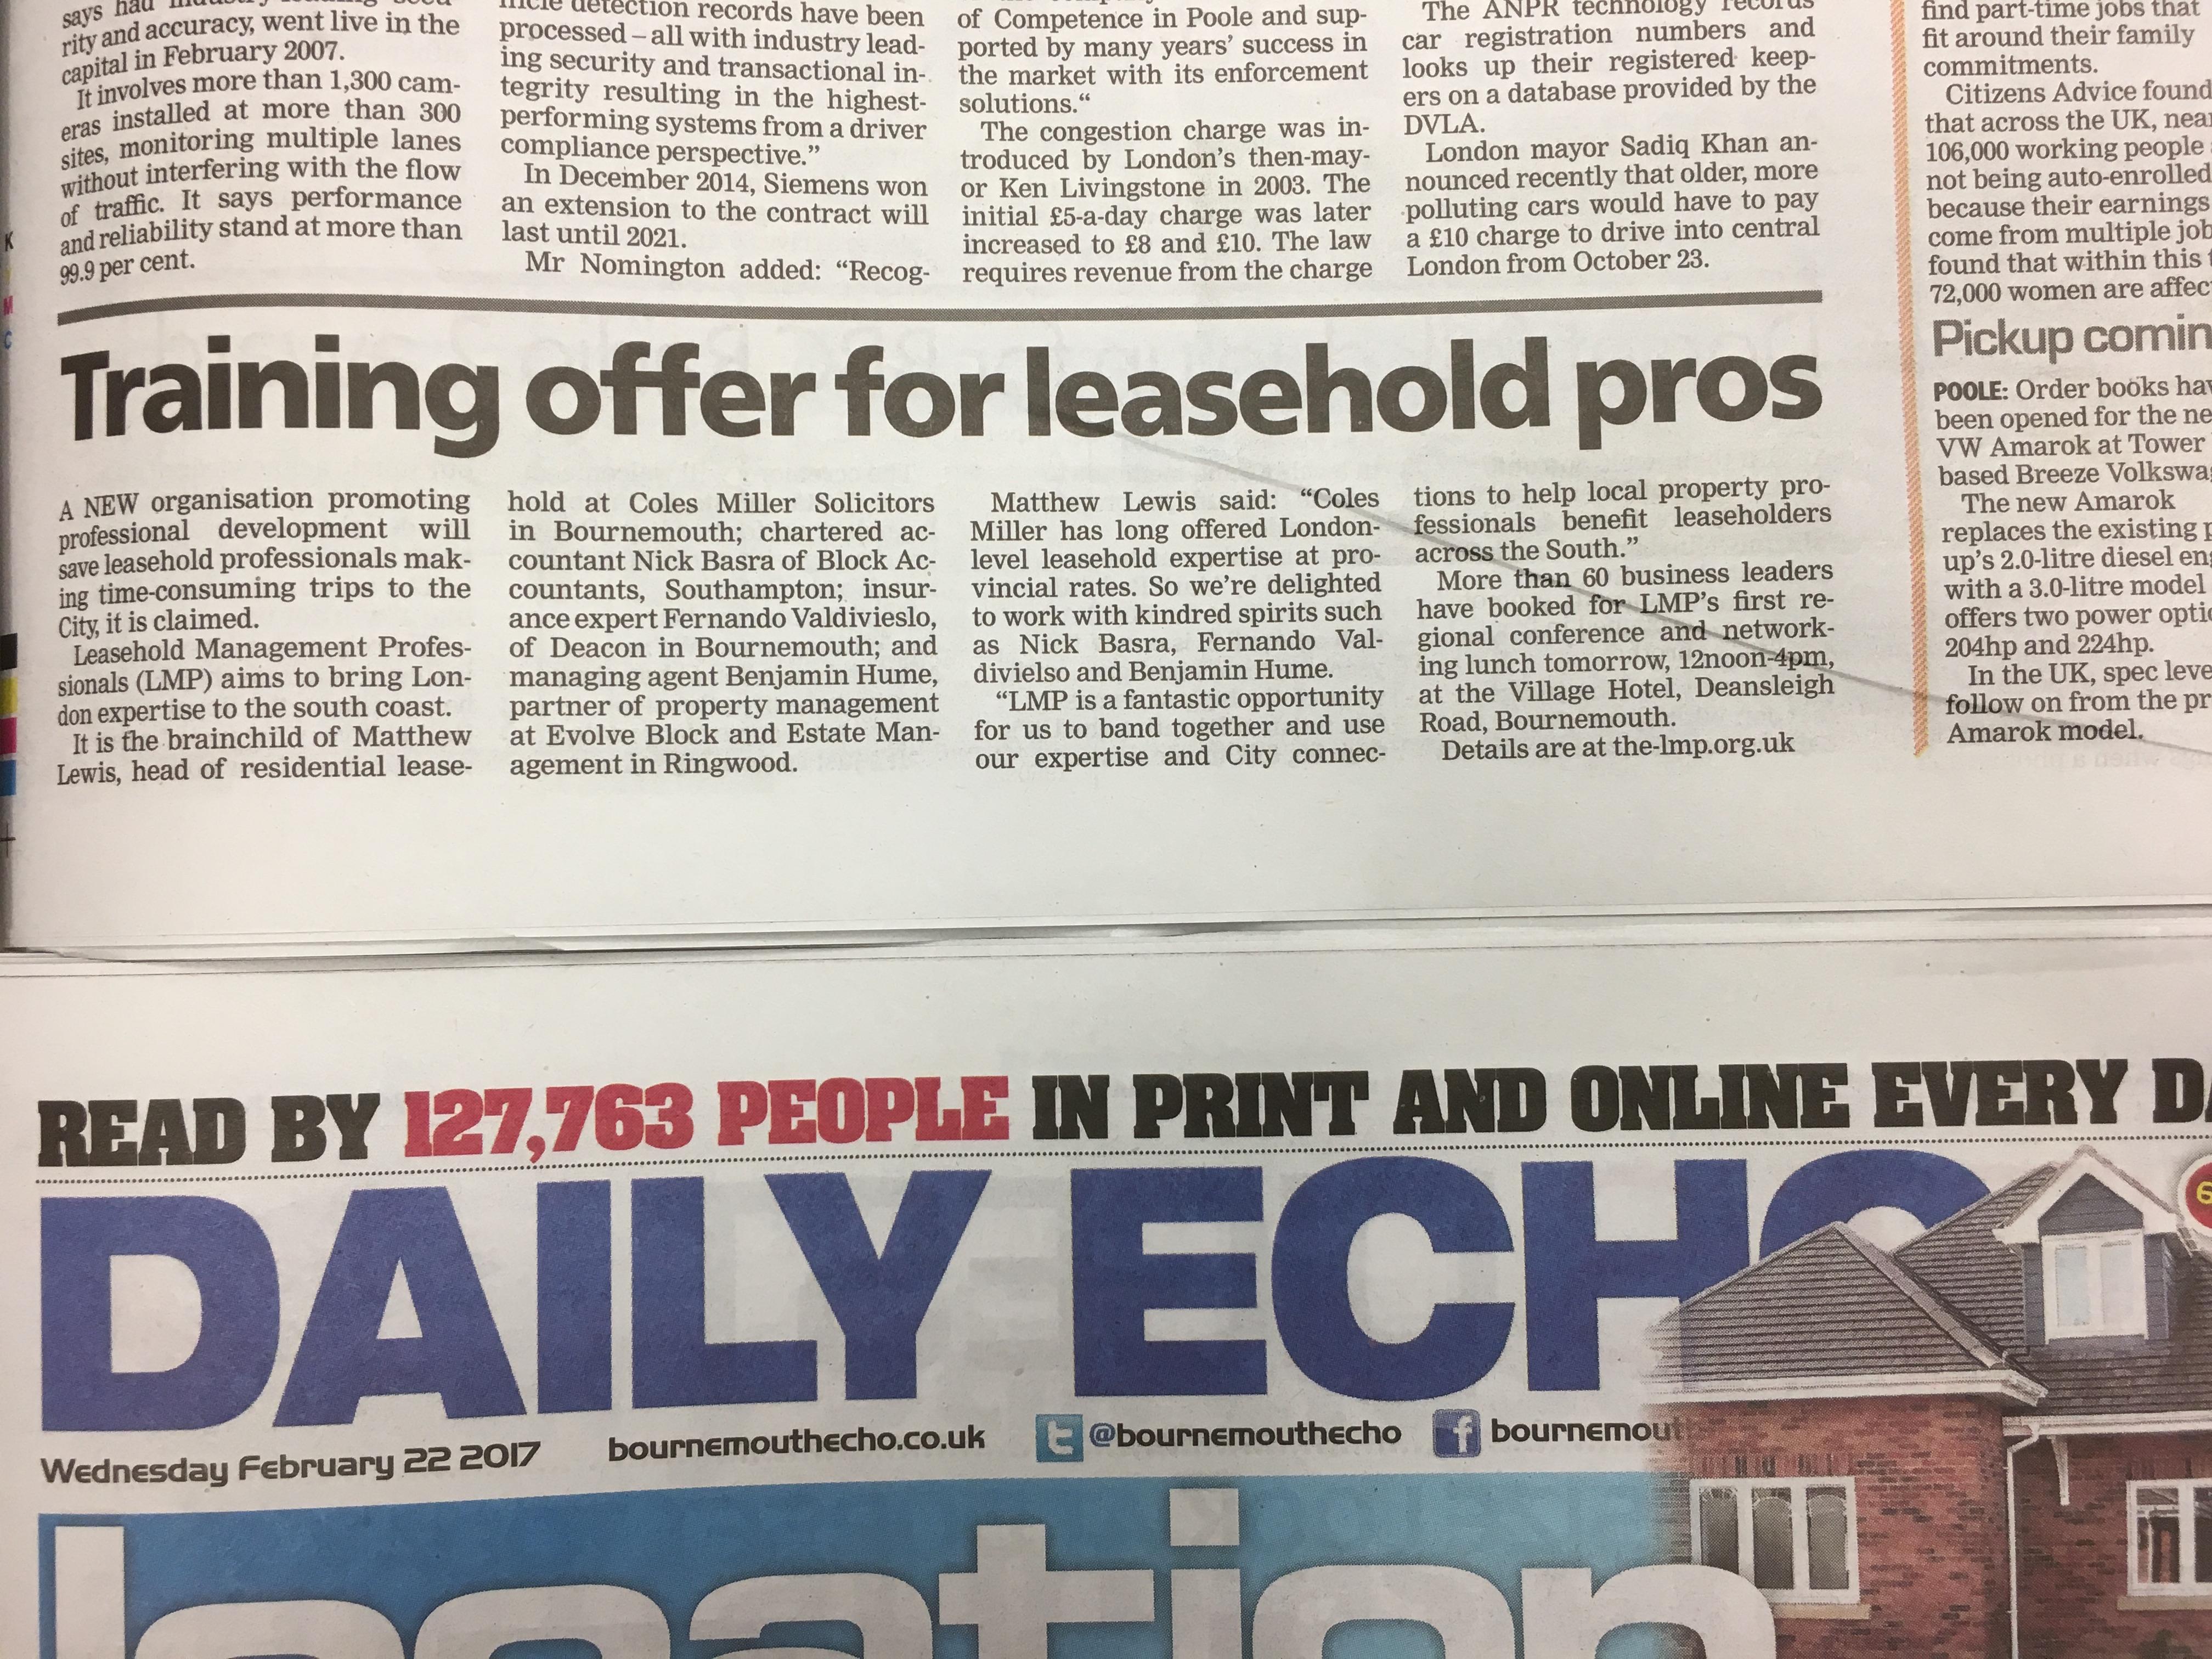 lmp leasehold management professionals evolve